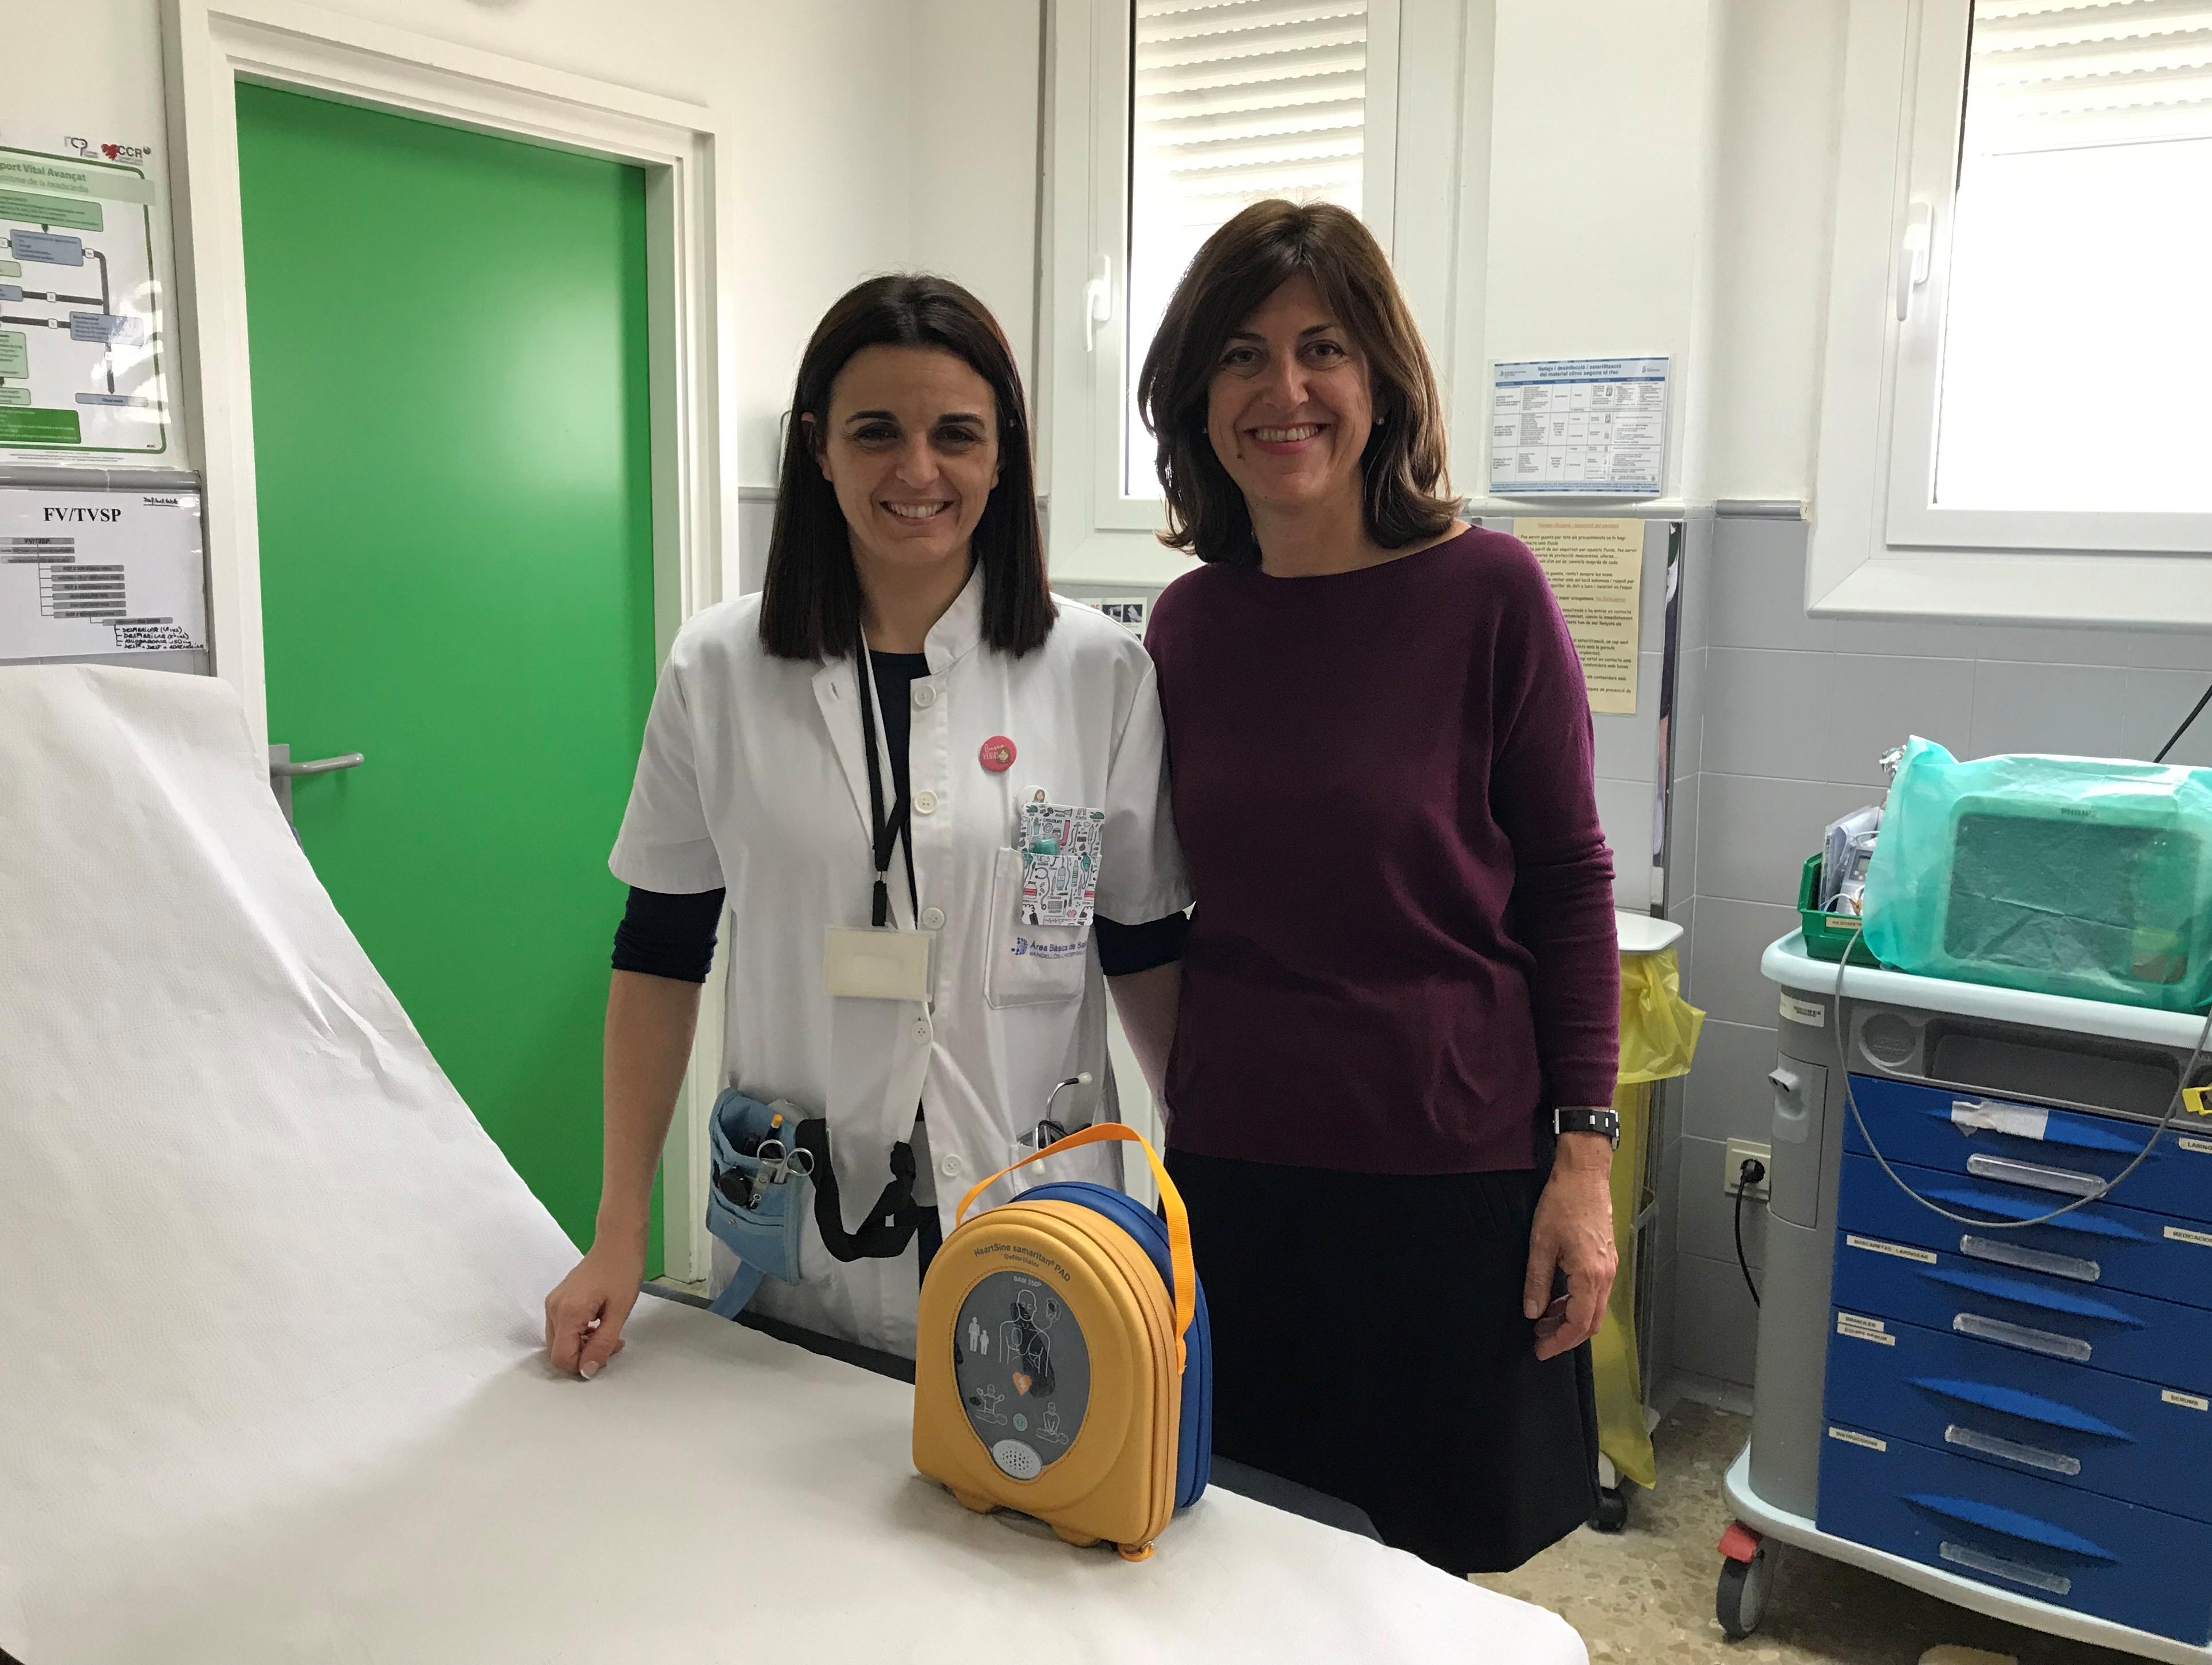 L'Ajuntament de Vandellòs i l'Hospitalet de l'Infant lliura un desfibril·lador portàtil al Centre d'Assistència Primària